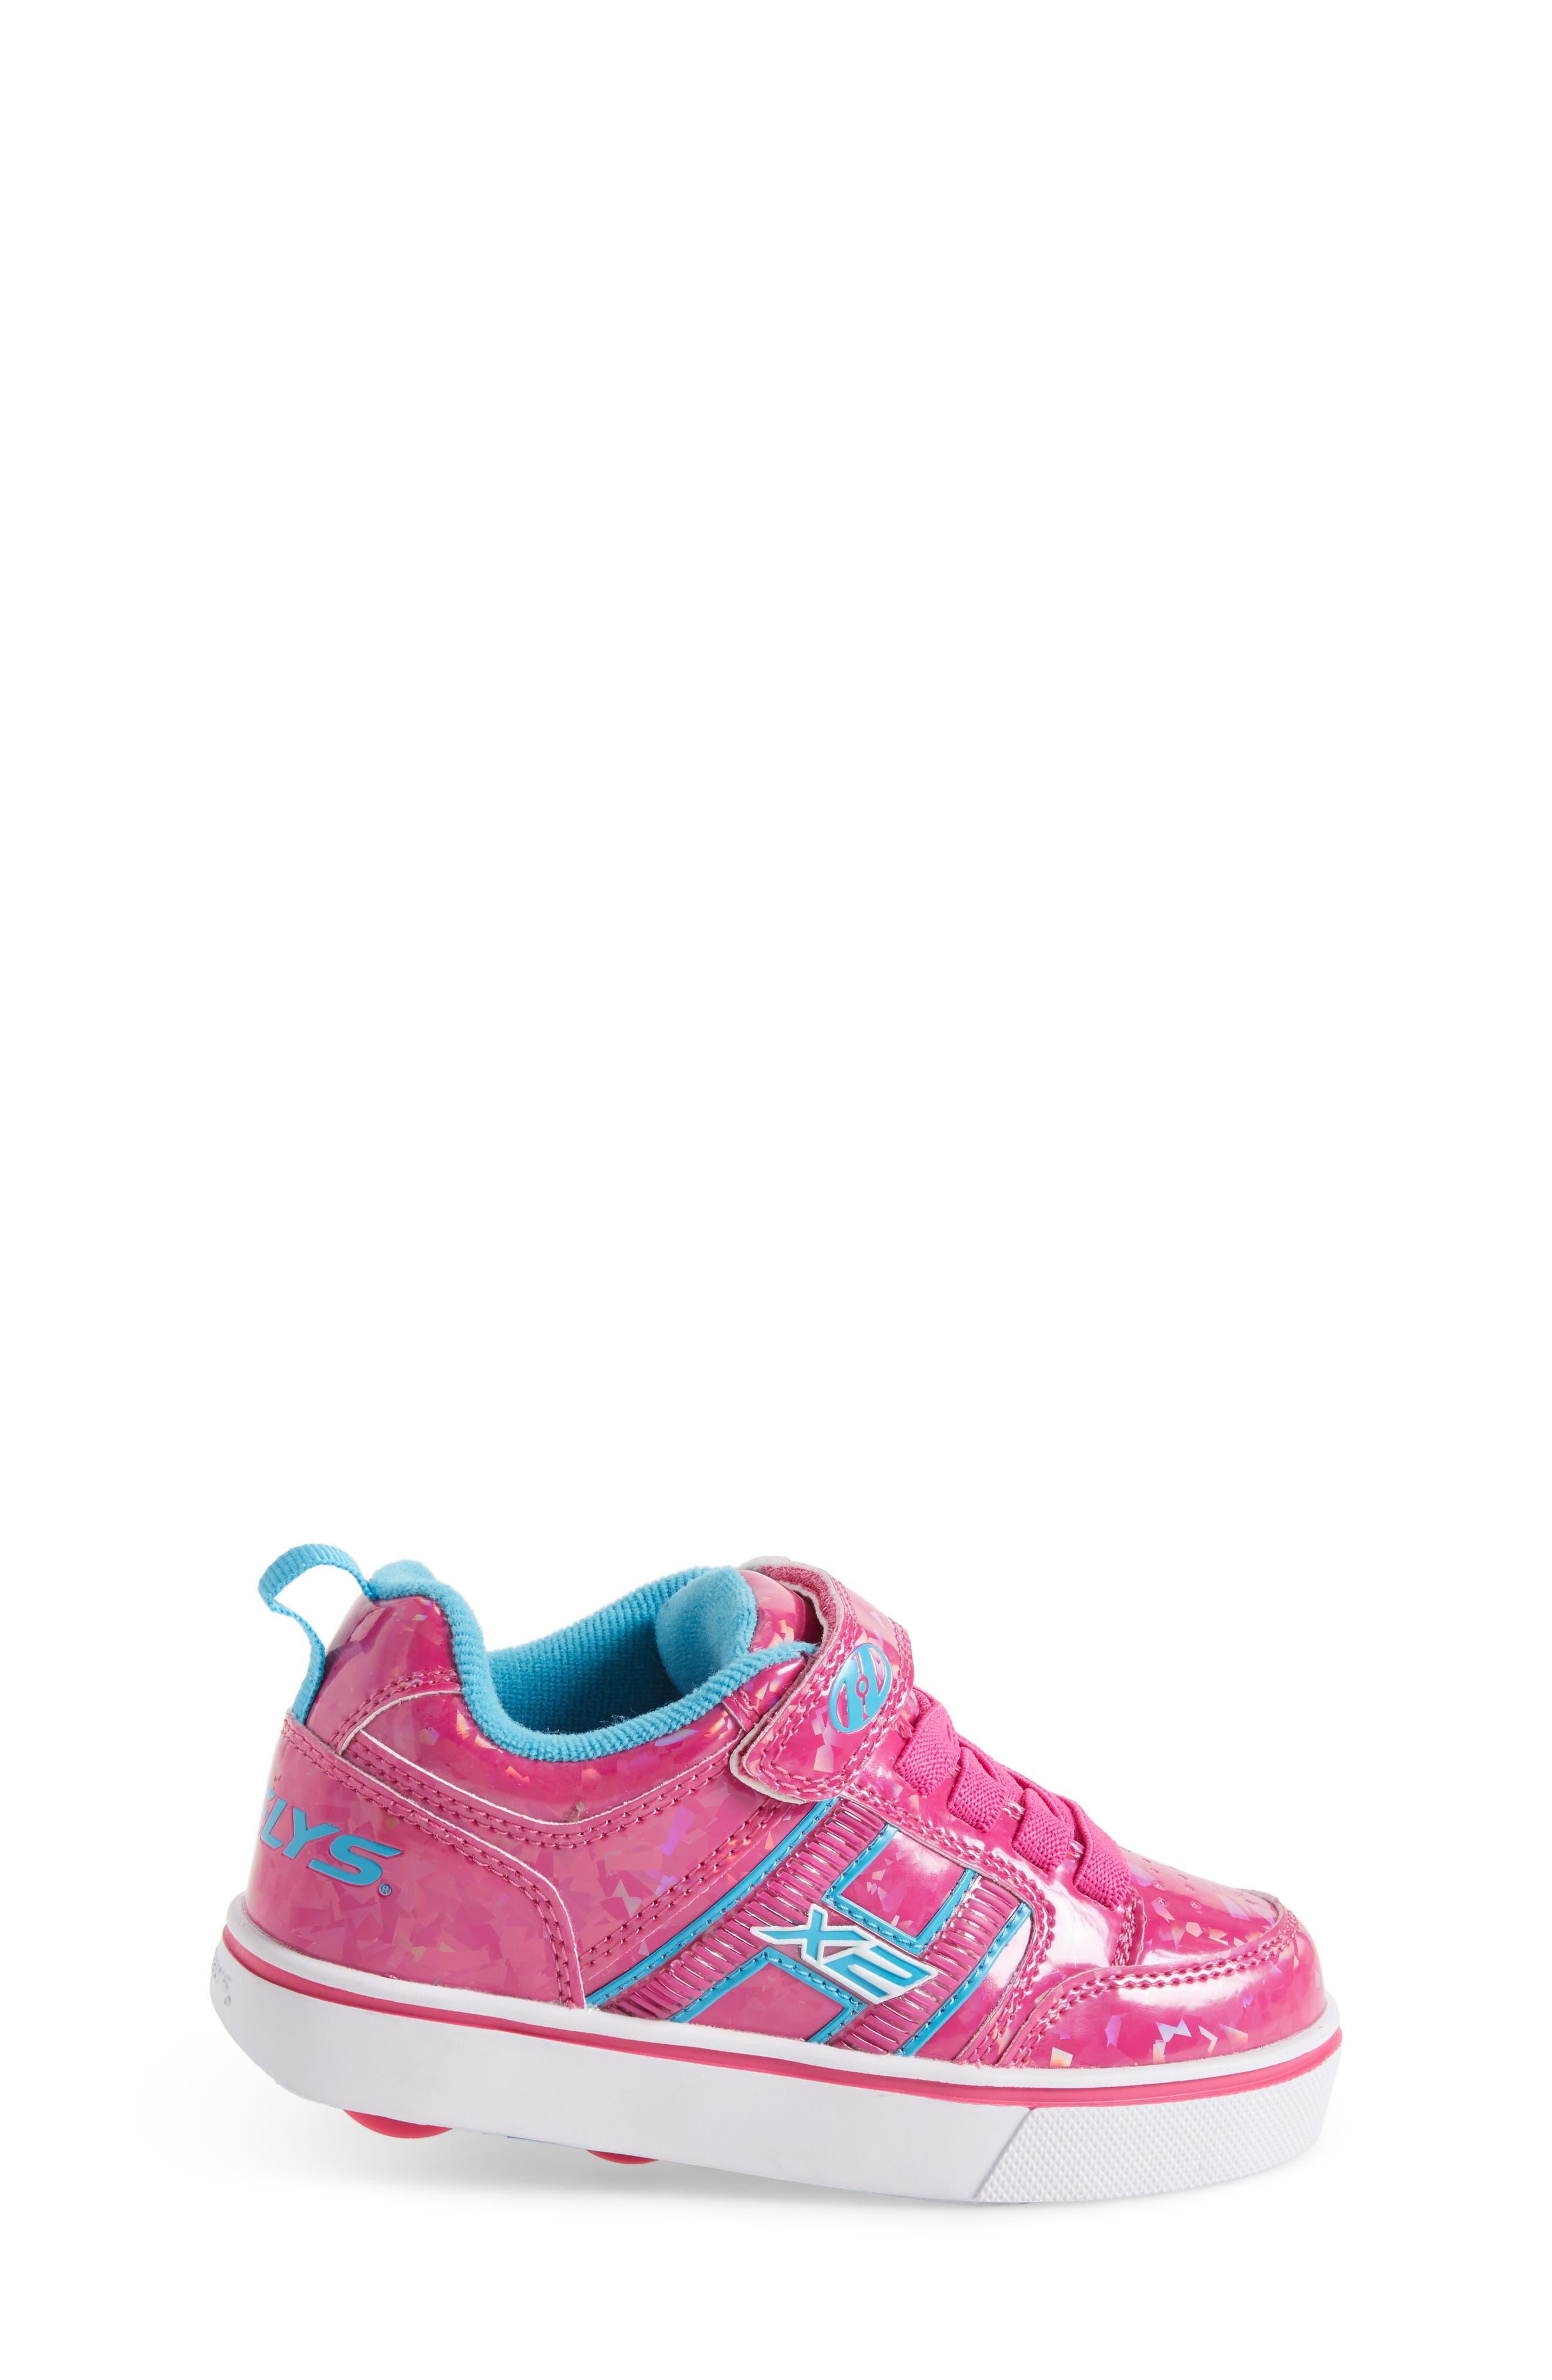 Alternate Image 3  - Heelys Bolt Plus X2 Light-Up Skate Sneaker (Toddler, Little Kid & Big Kid)